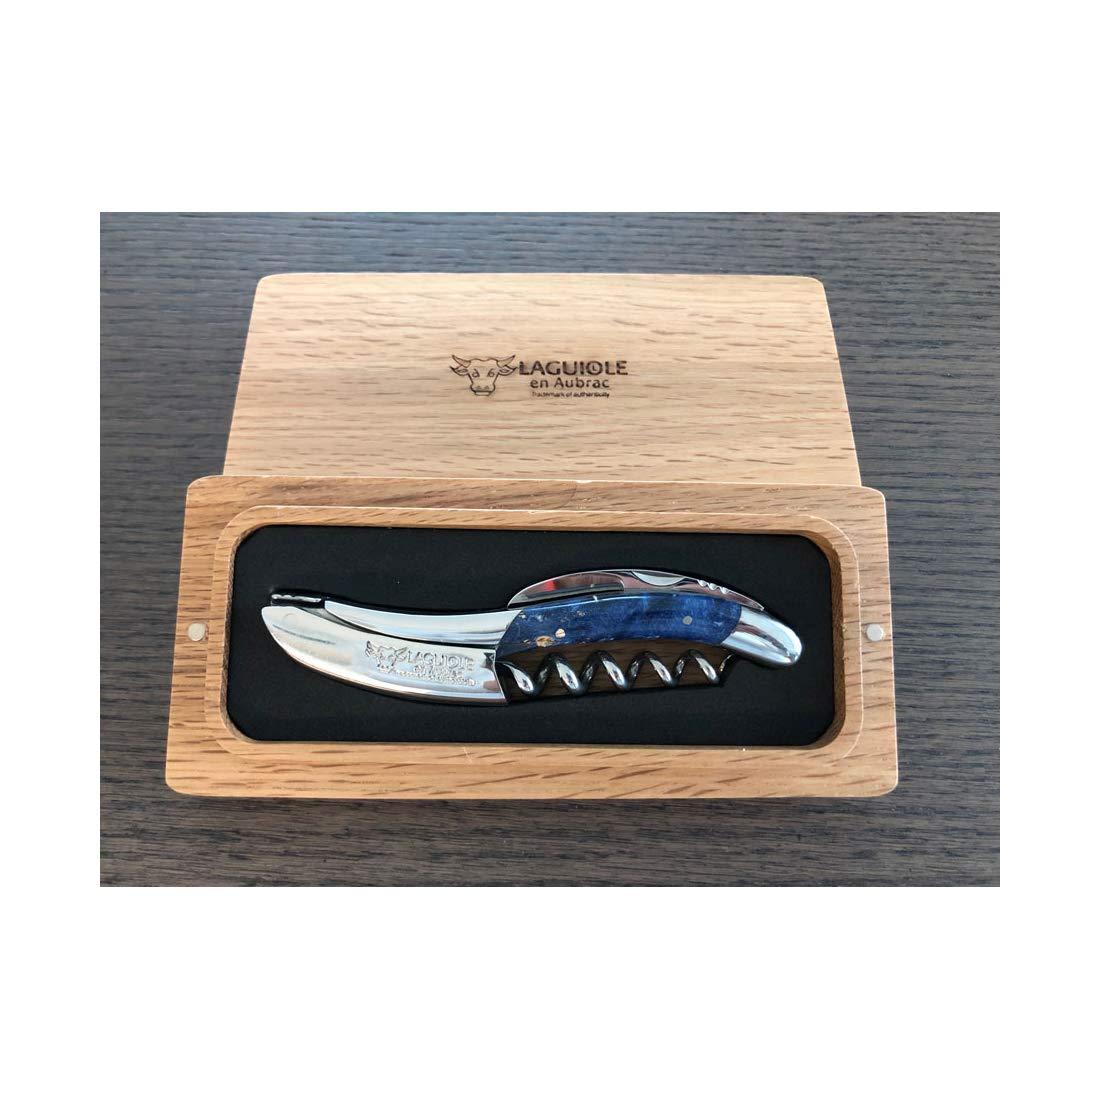 Laguiole en Aubrac Sommelier Waiter's Corkscrew, Stabilized Wooden Burl Blue by Laguiole en Aubrac